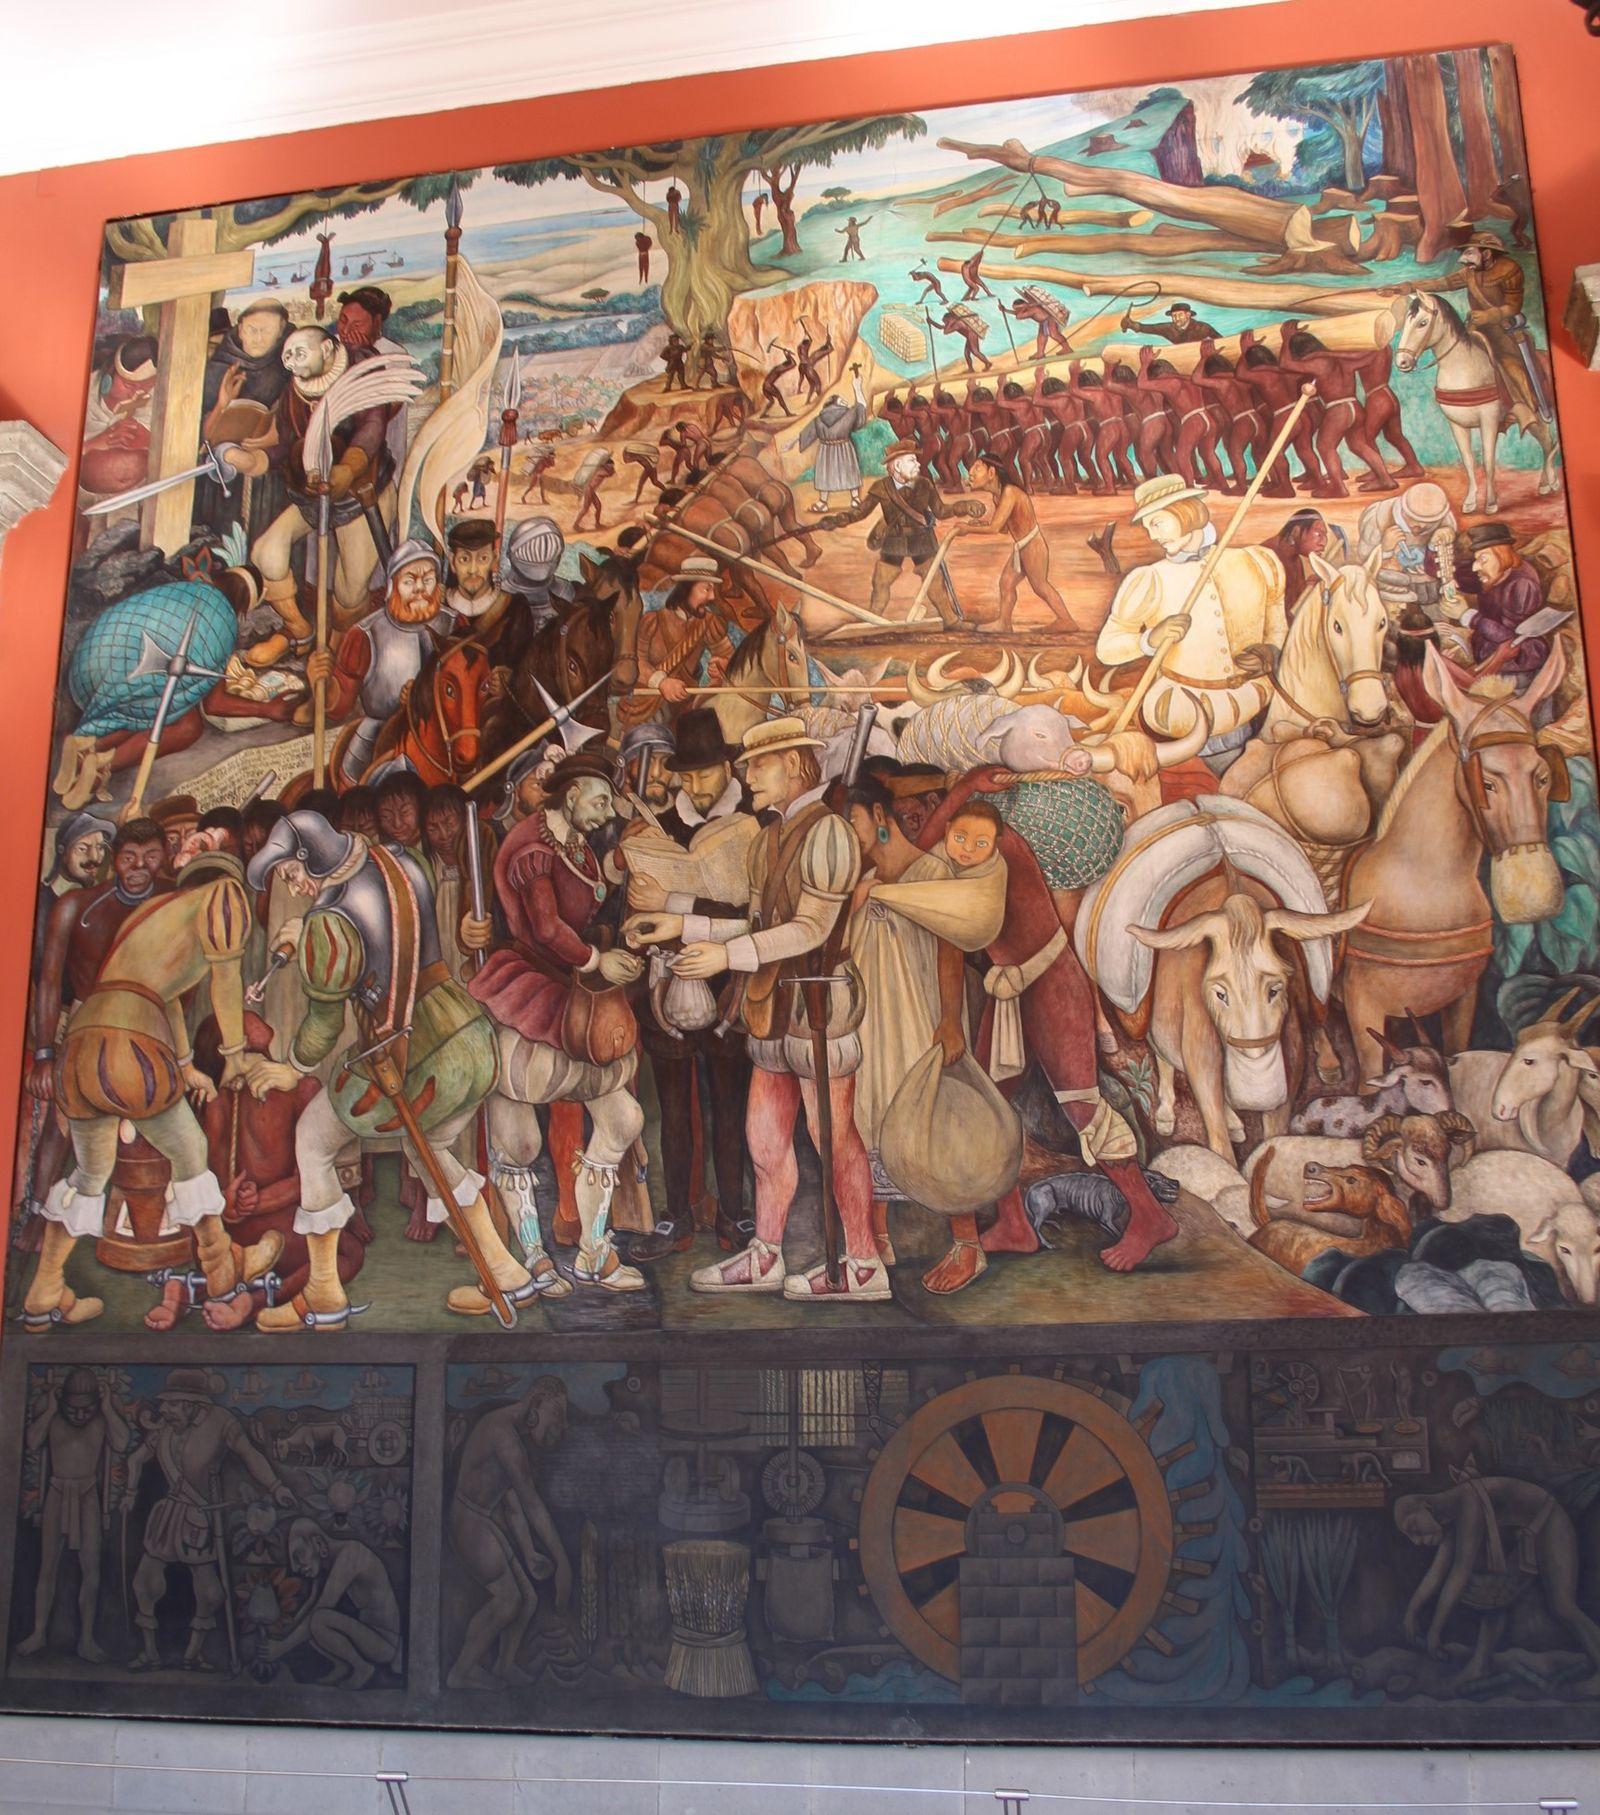 국립궁전 벽화-에르난 코르테스와의 만남.